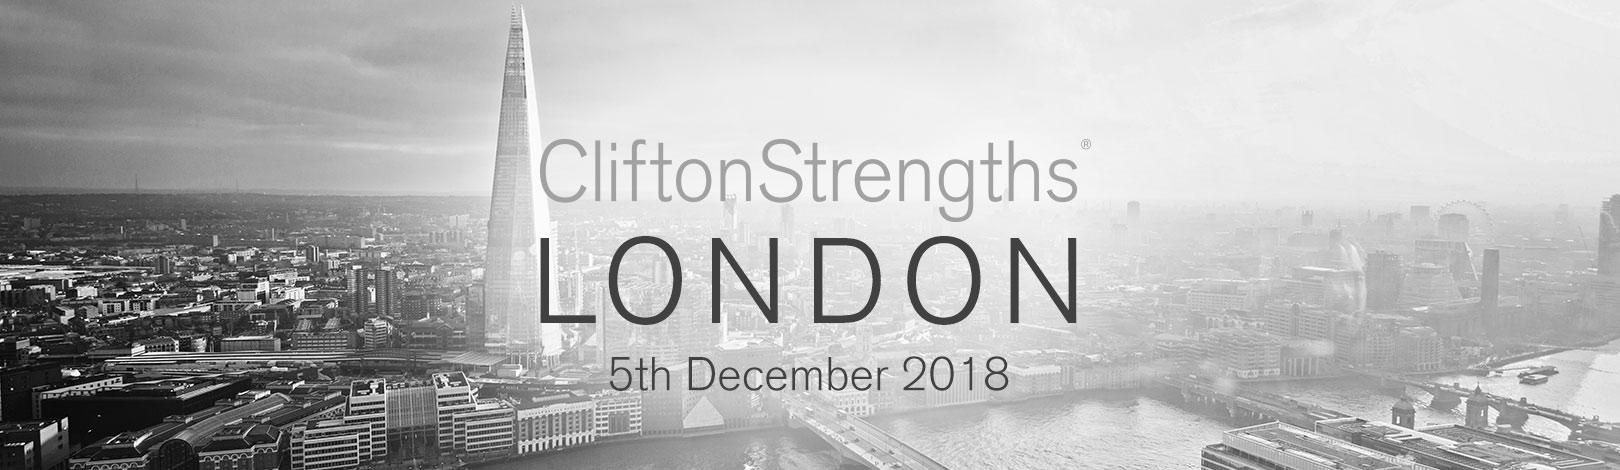 CliftonStrengths London.jpg